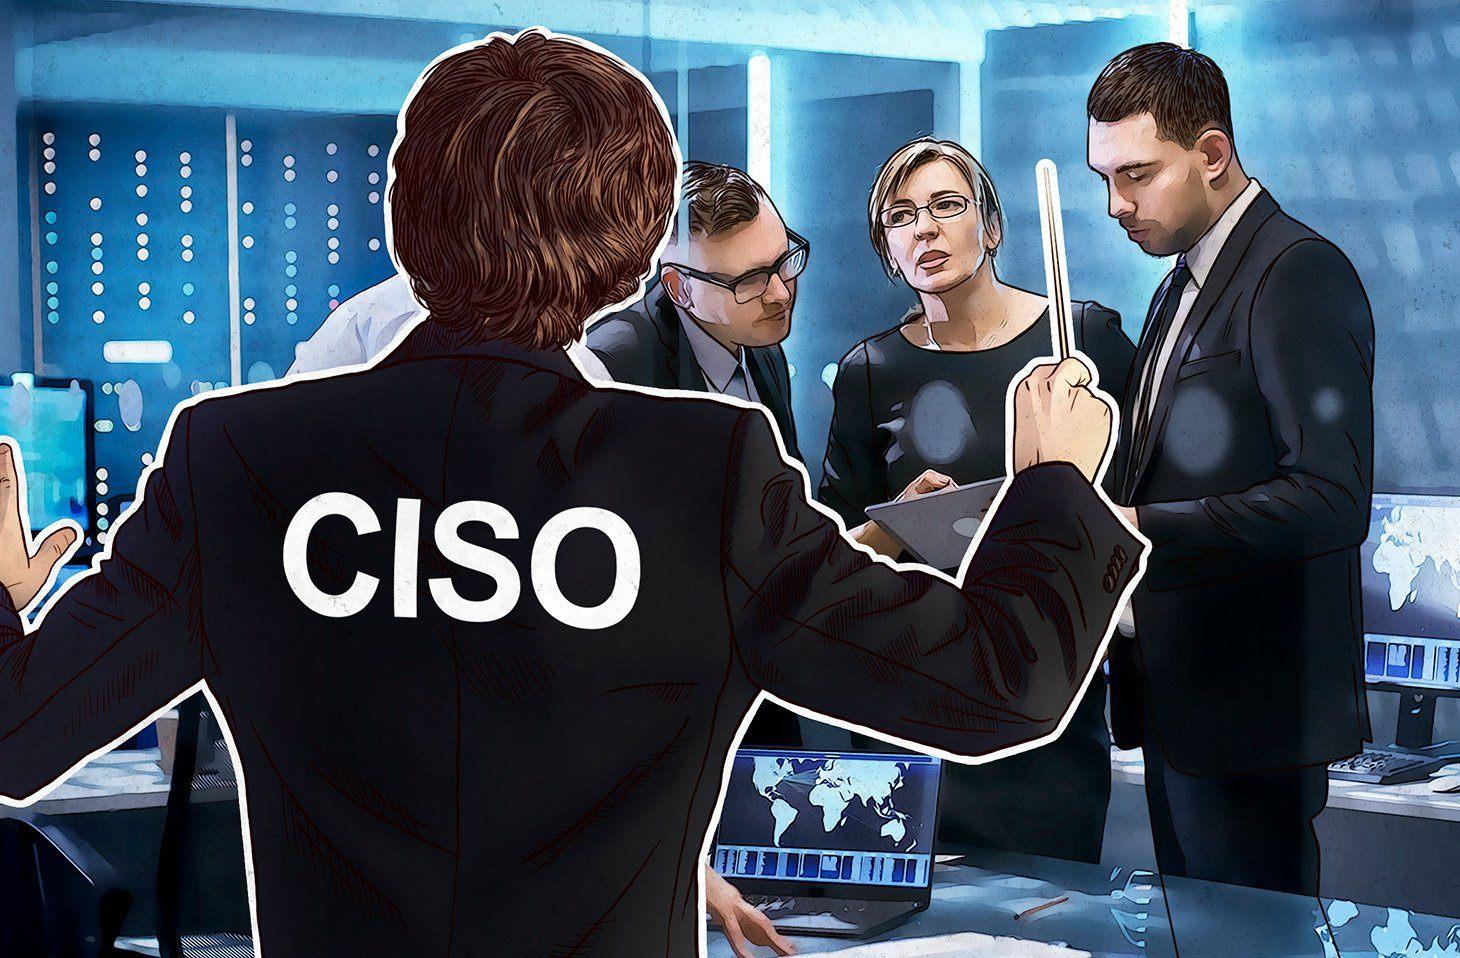 Der ideale CISO: Erfolg und Führung in der IT-Sicherheit von Unternehmen